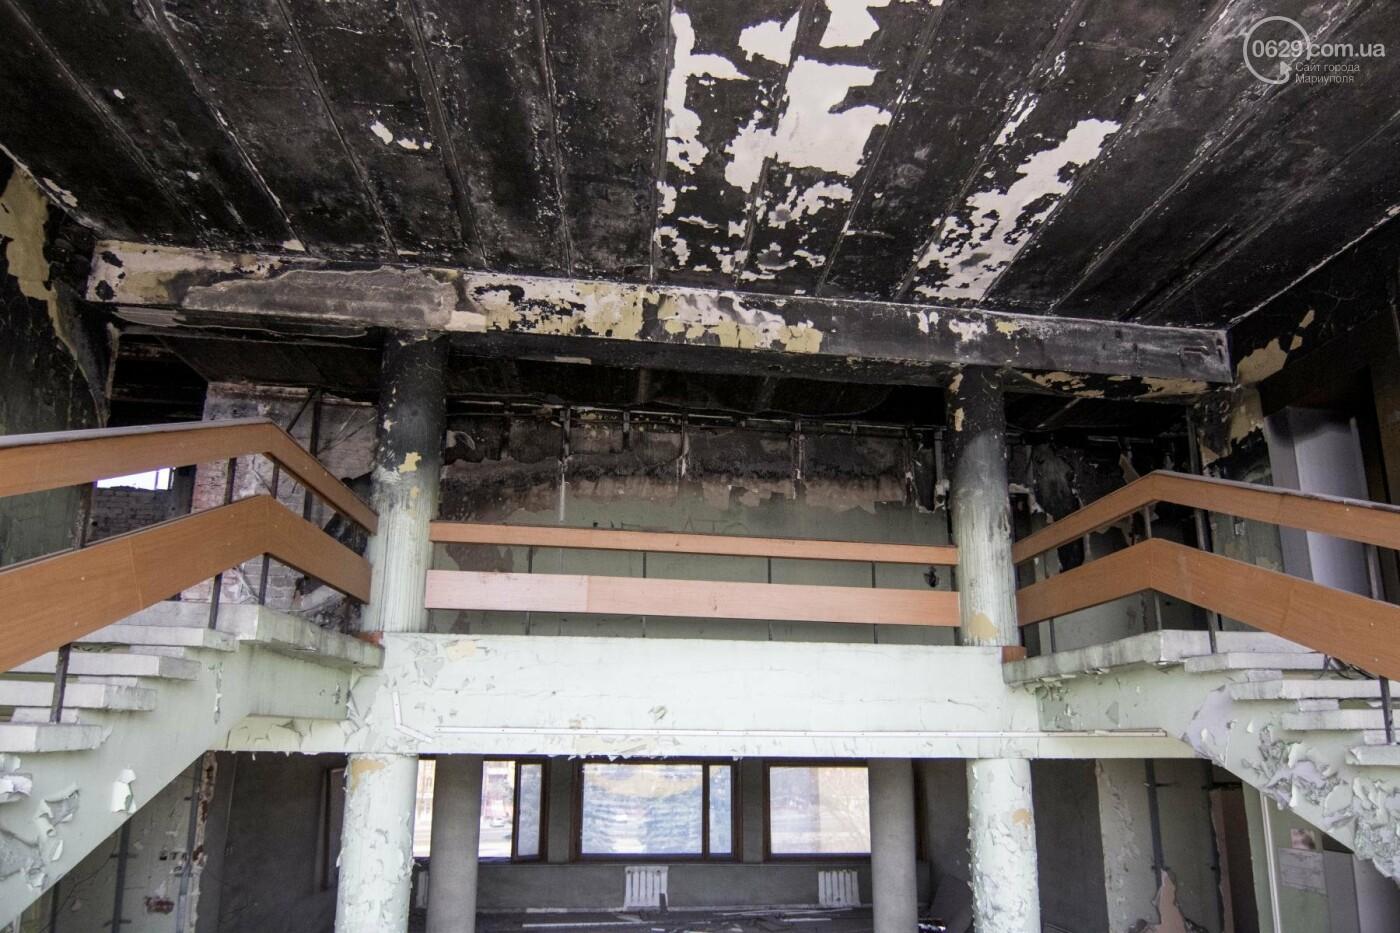 Что осталось от здания мариупольской мэрии, и когда его восстановят (ФОТОРЕПОРТАЖ с руин +ВИДЕО), фото-4